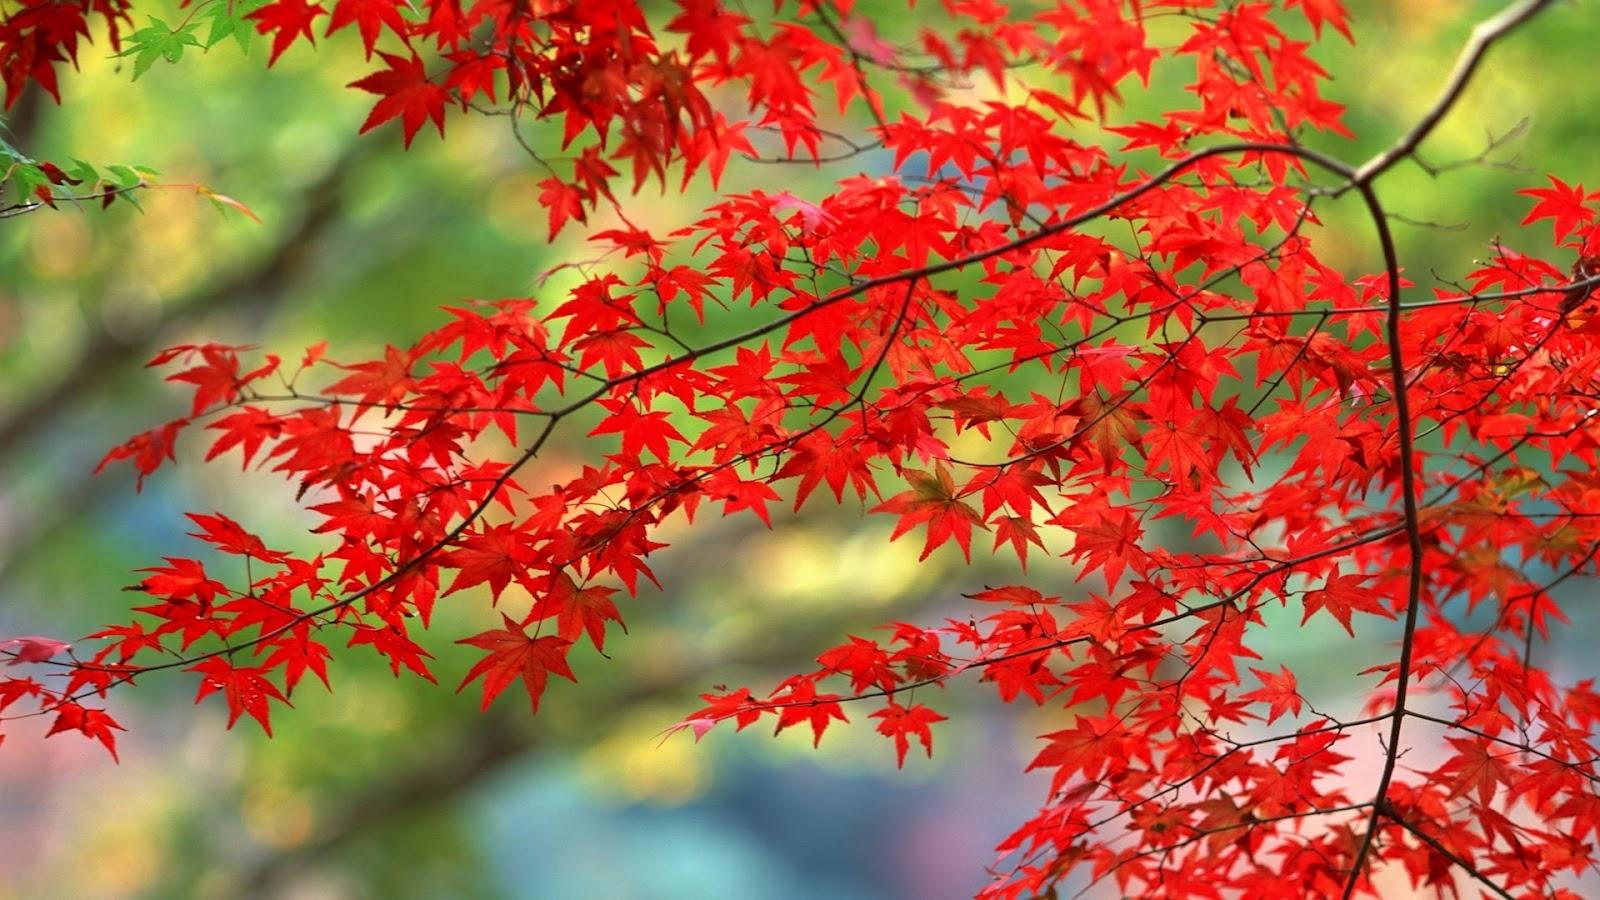 http://3.bp.blogspot.com/-YDaPHSK1vrE/T_smt0WfO7I/AAAAAAAAD9s/MSWOuRsCVQo/s1600/Trees-in-autumn-autumn-22174466-1920-1080.jpg